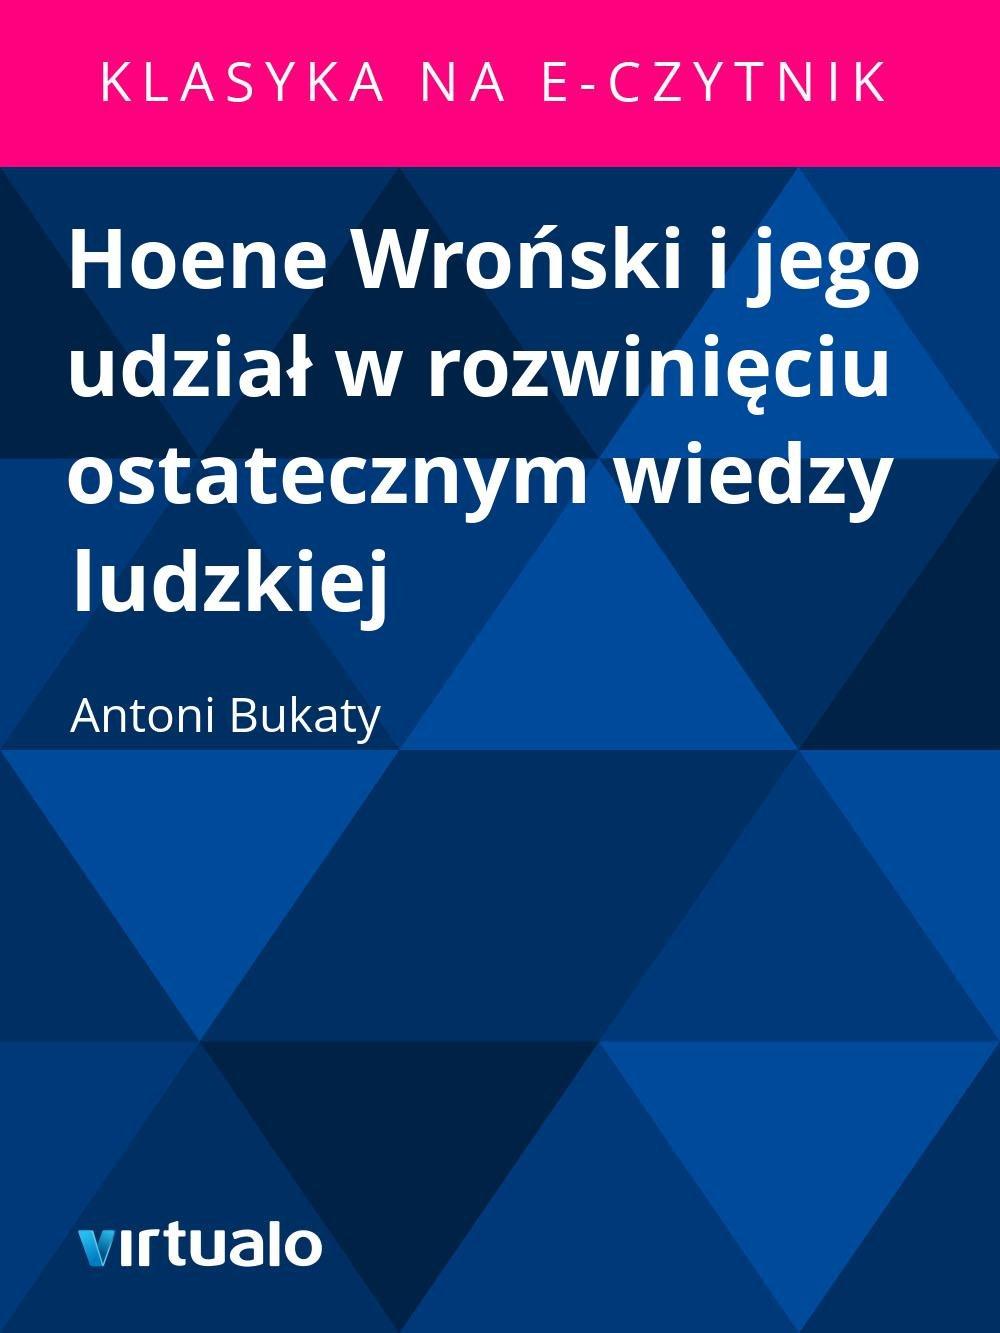 Hoene Wroński i jego udział w rozwinięciu ostatecznym wiedzy ludzkiej - Ebook (Książka EPUB) do pobrania w formacie EPUB